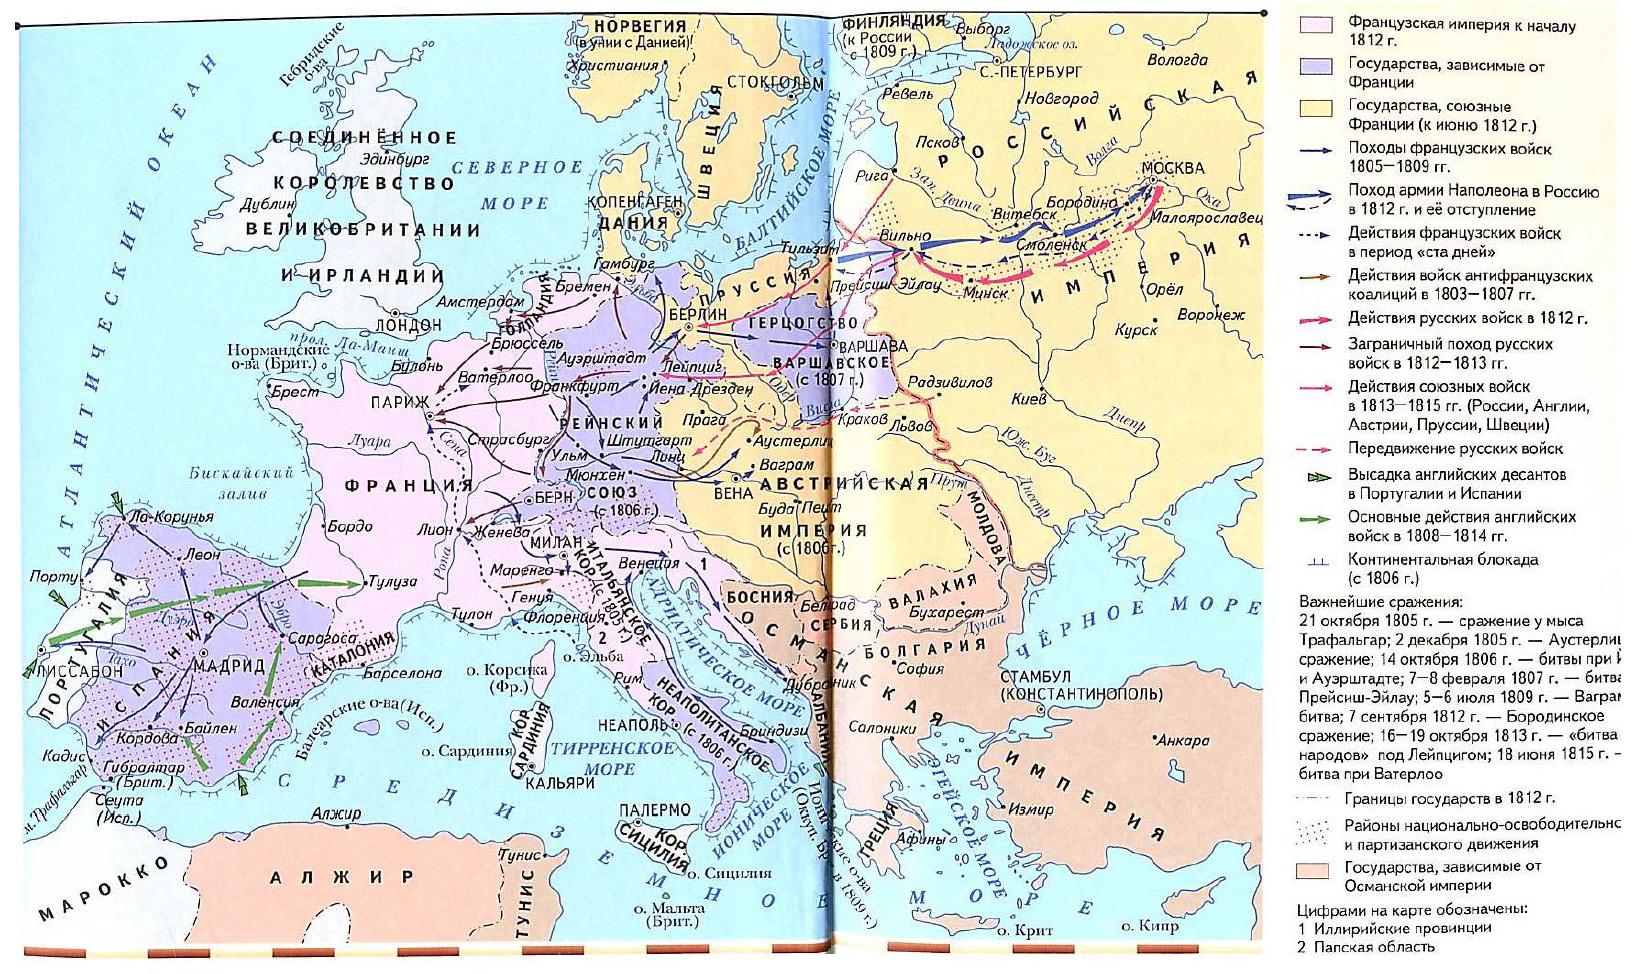 Об эпохе Наполеона Бонапарта Новая история Реферат доклад  Европа в годы завоевательных войн Наполеона Отечественная война 1812 г